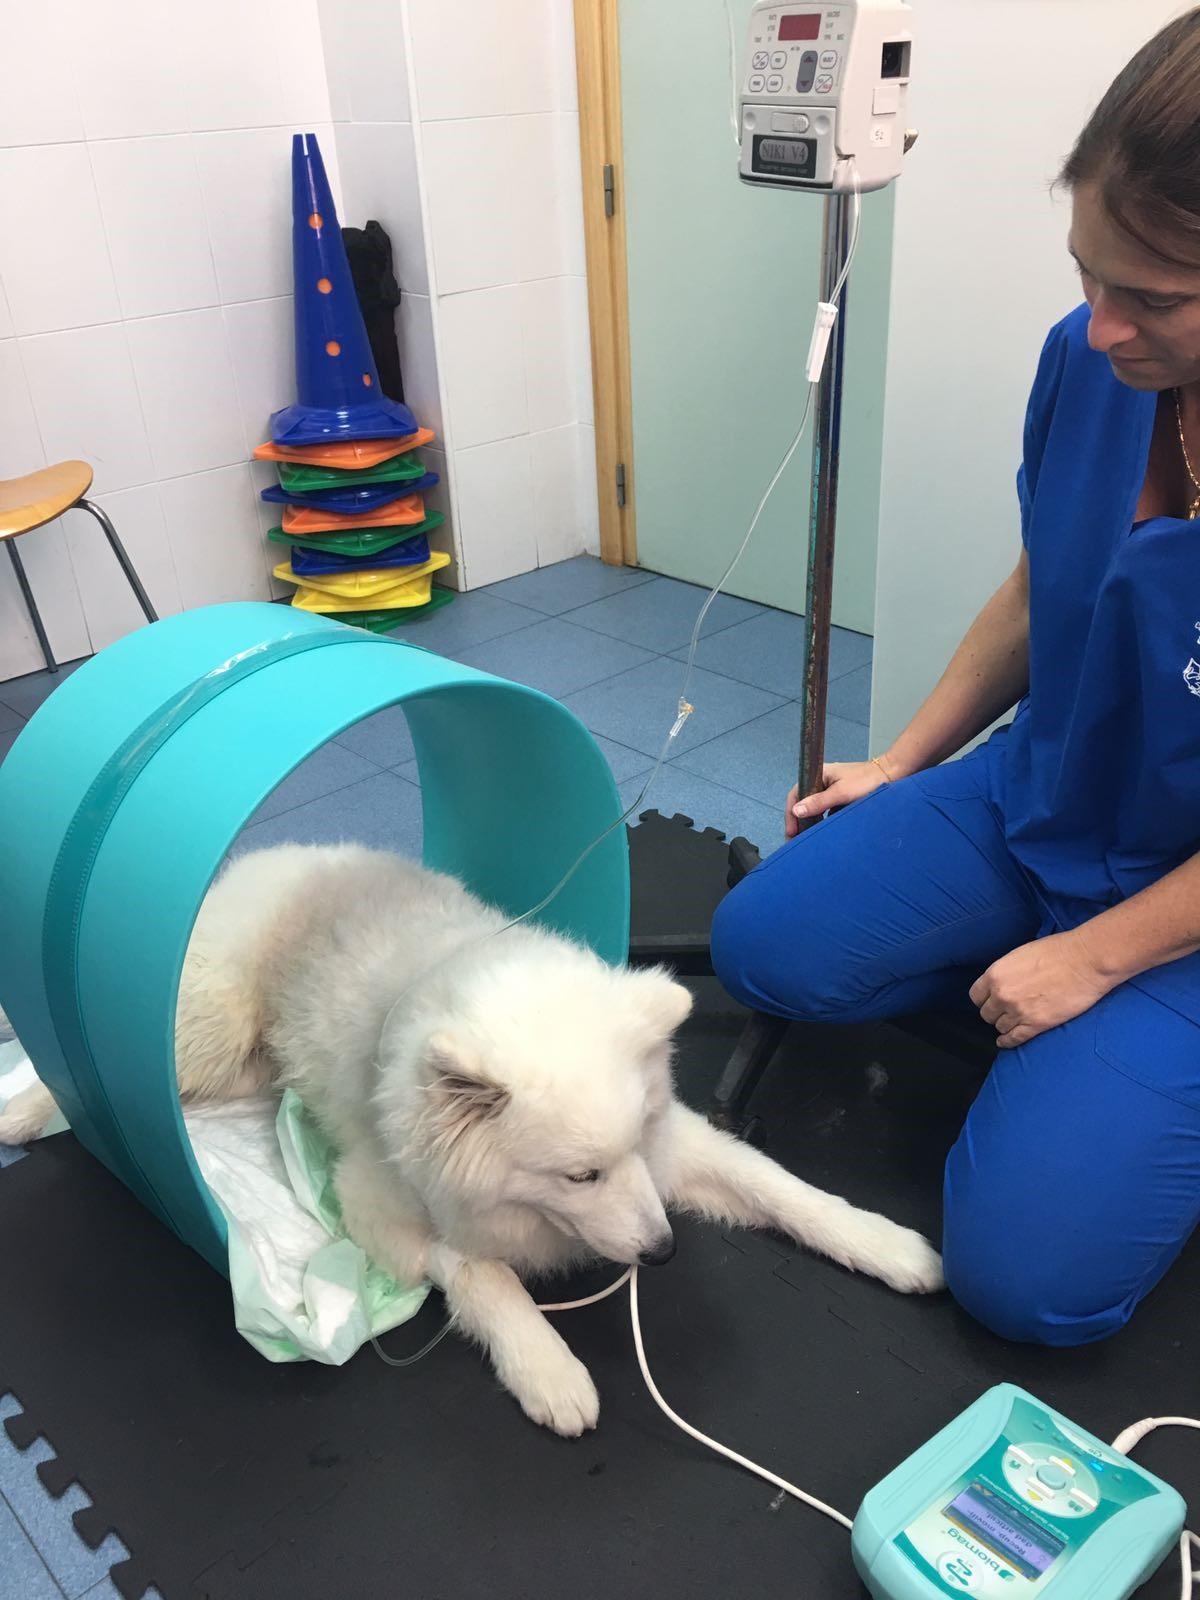 joy magnetoterapia veterinaria caso clinico